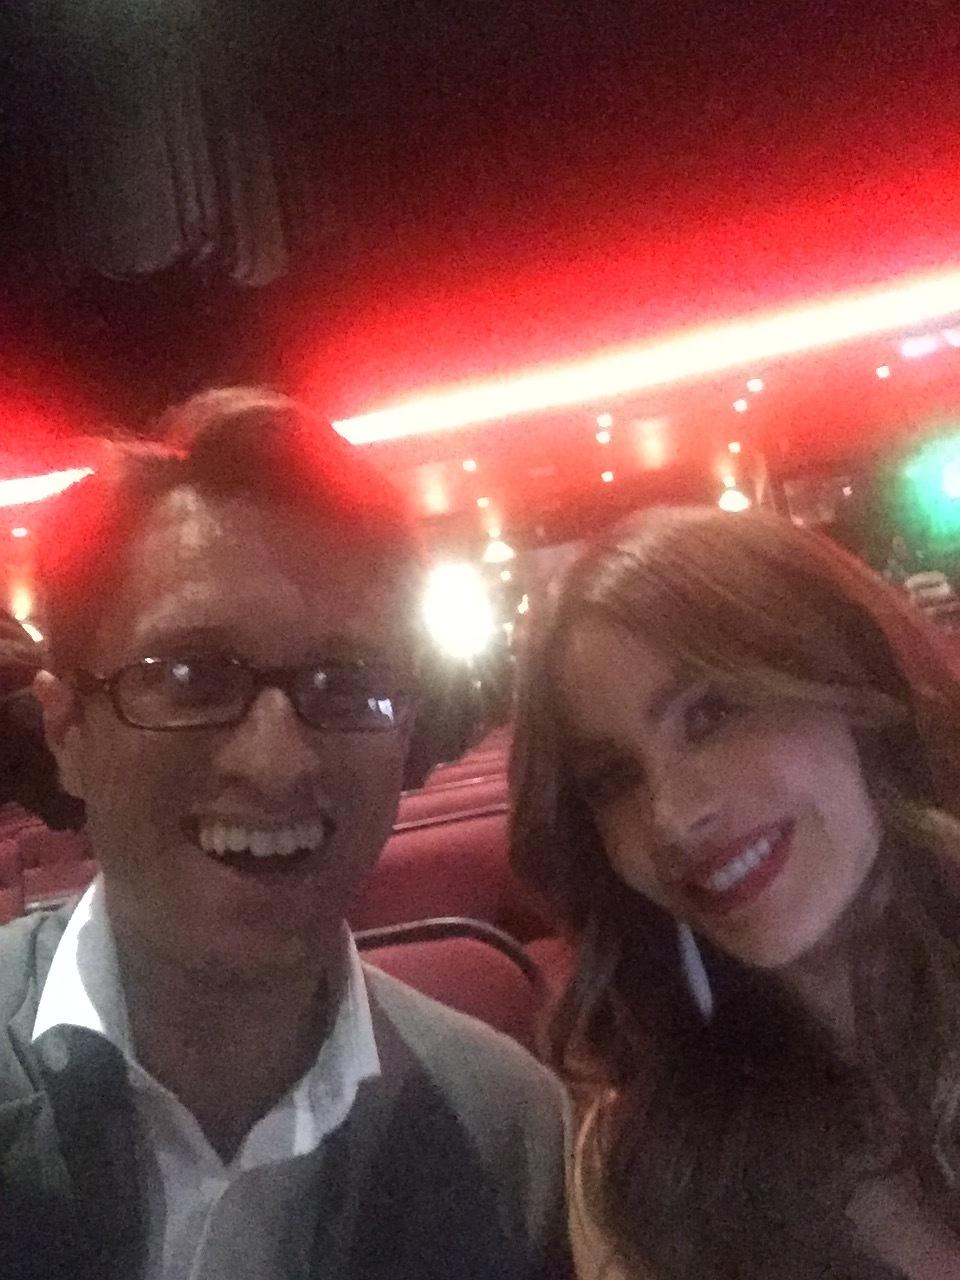 Dan Mangru and Sofia Vergara - Co-Founder of RAZE Media